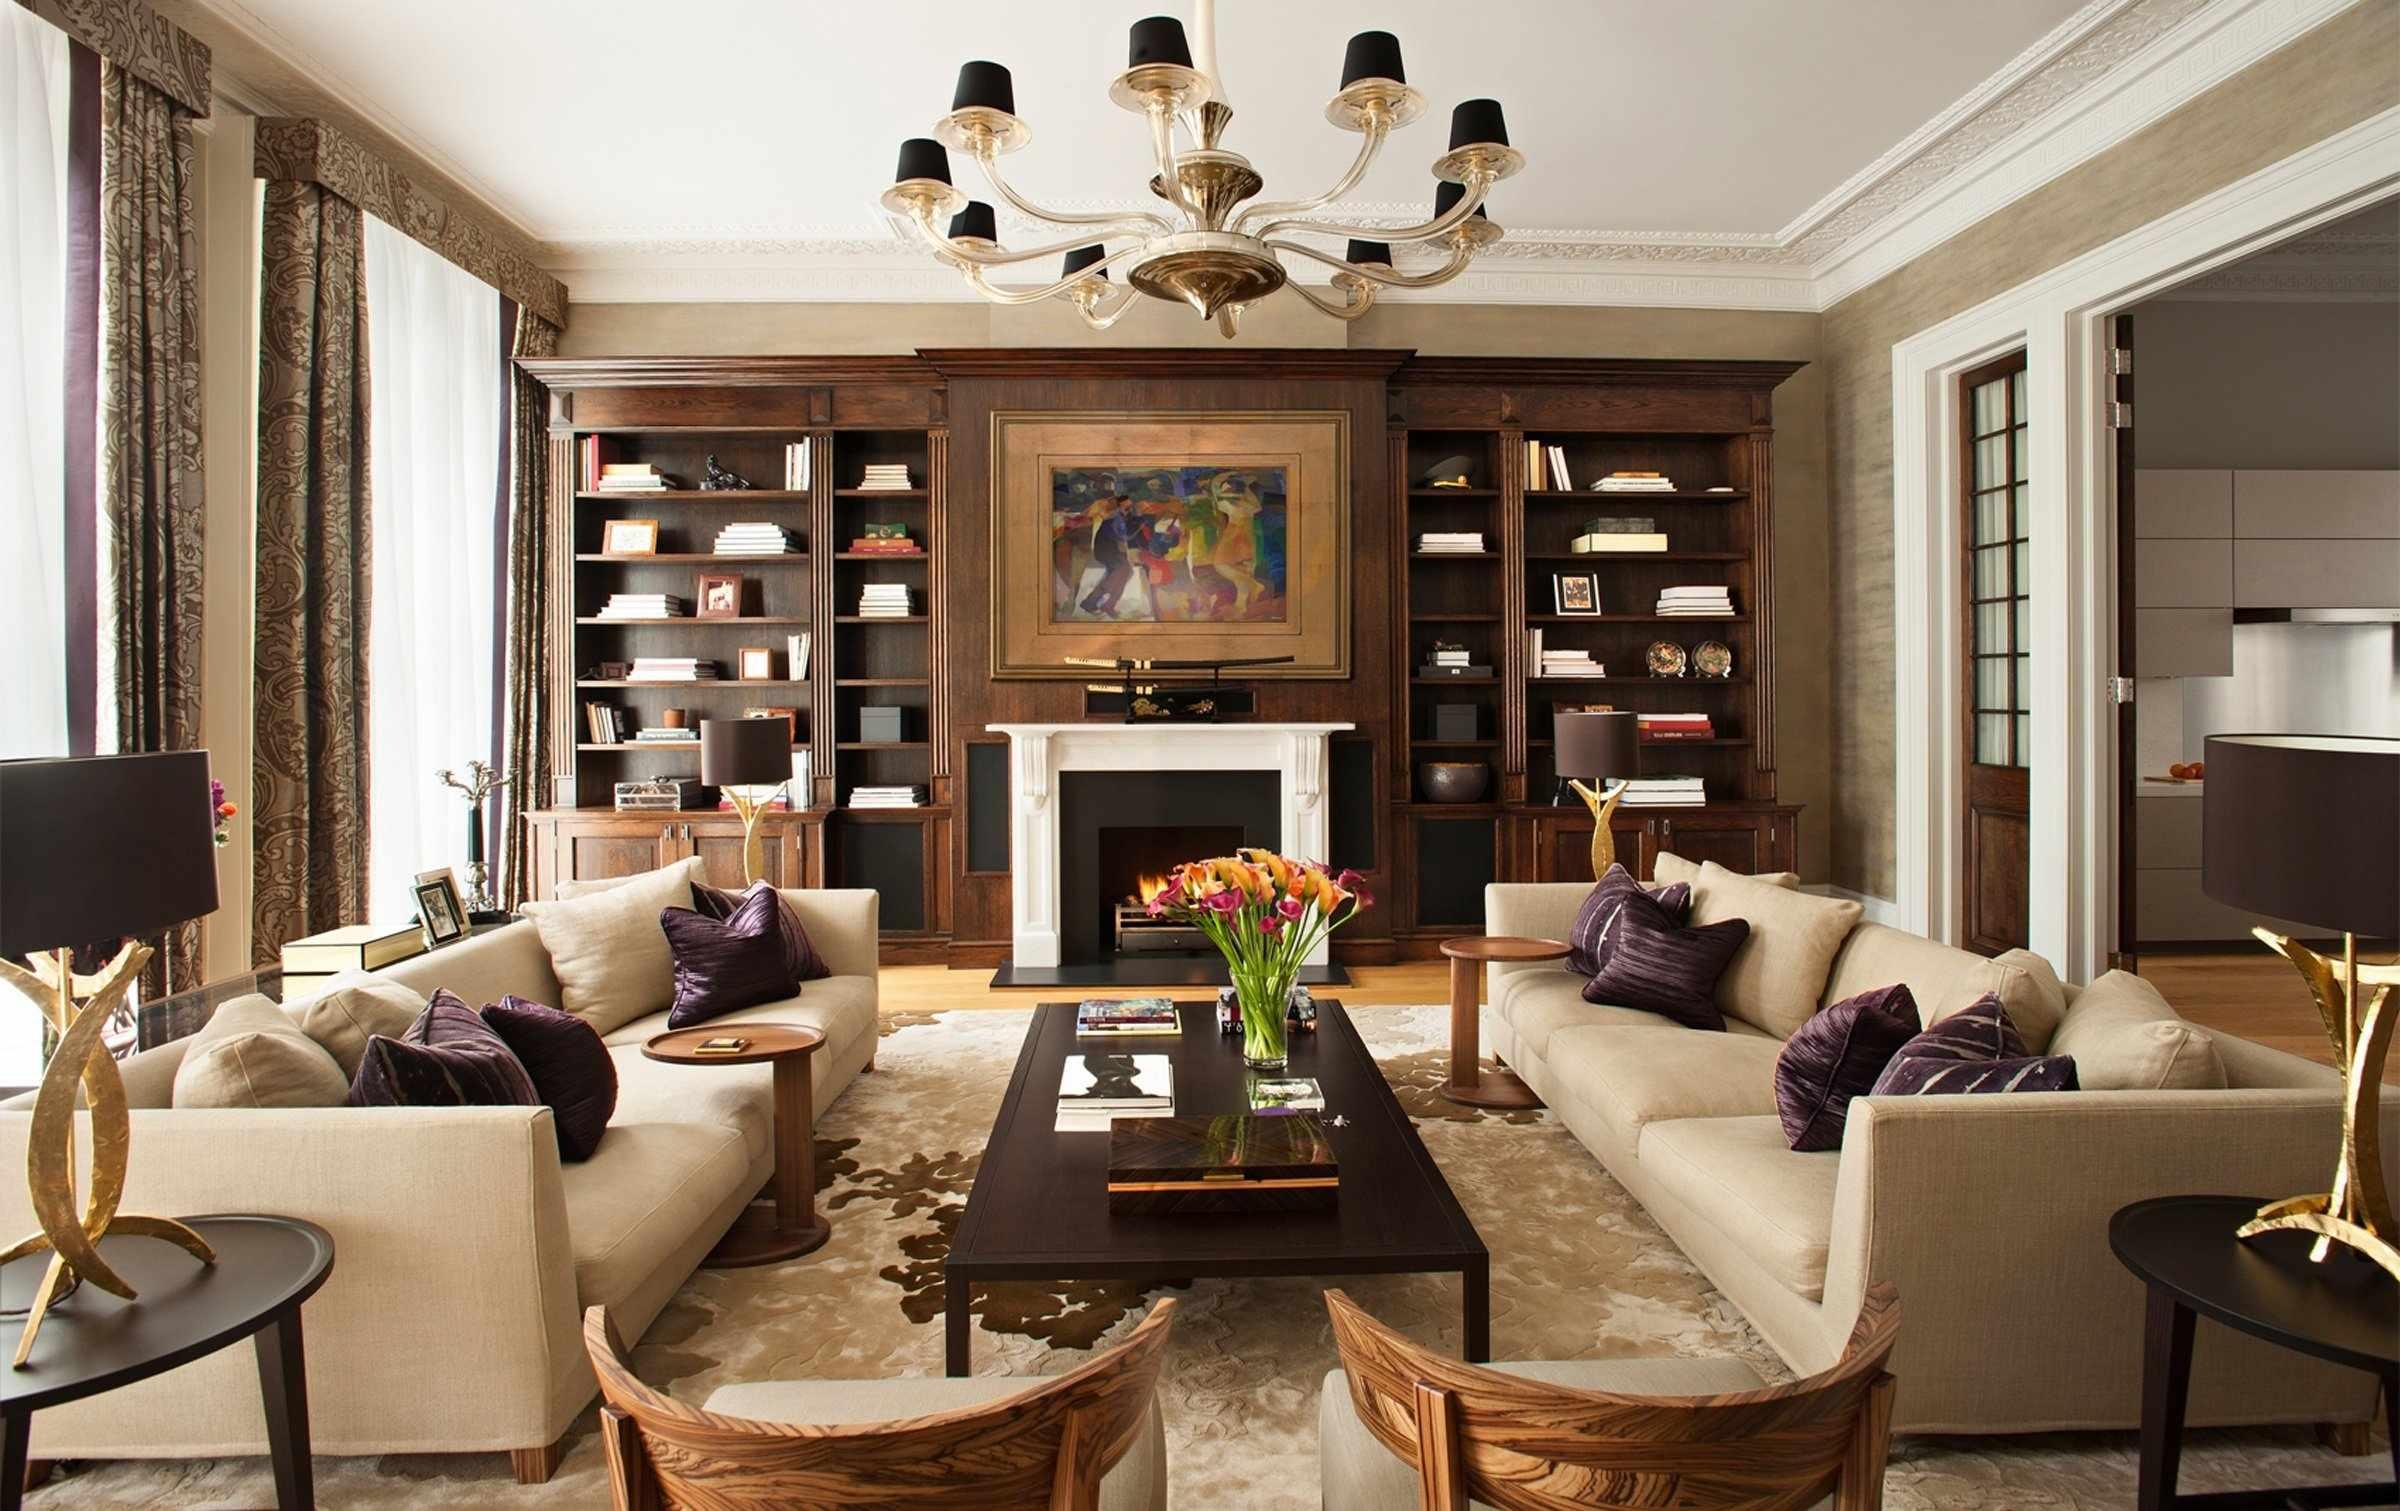 Симметричная расстановка мебели в комнате